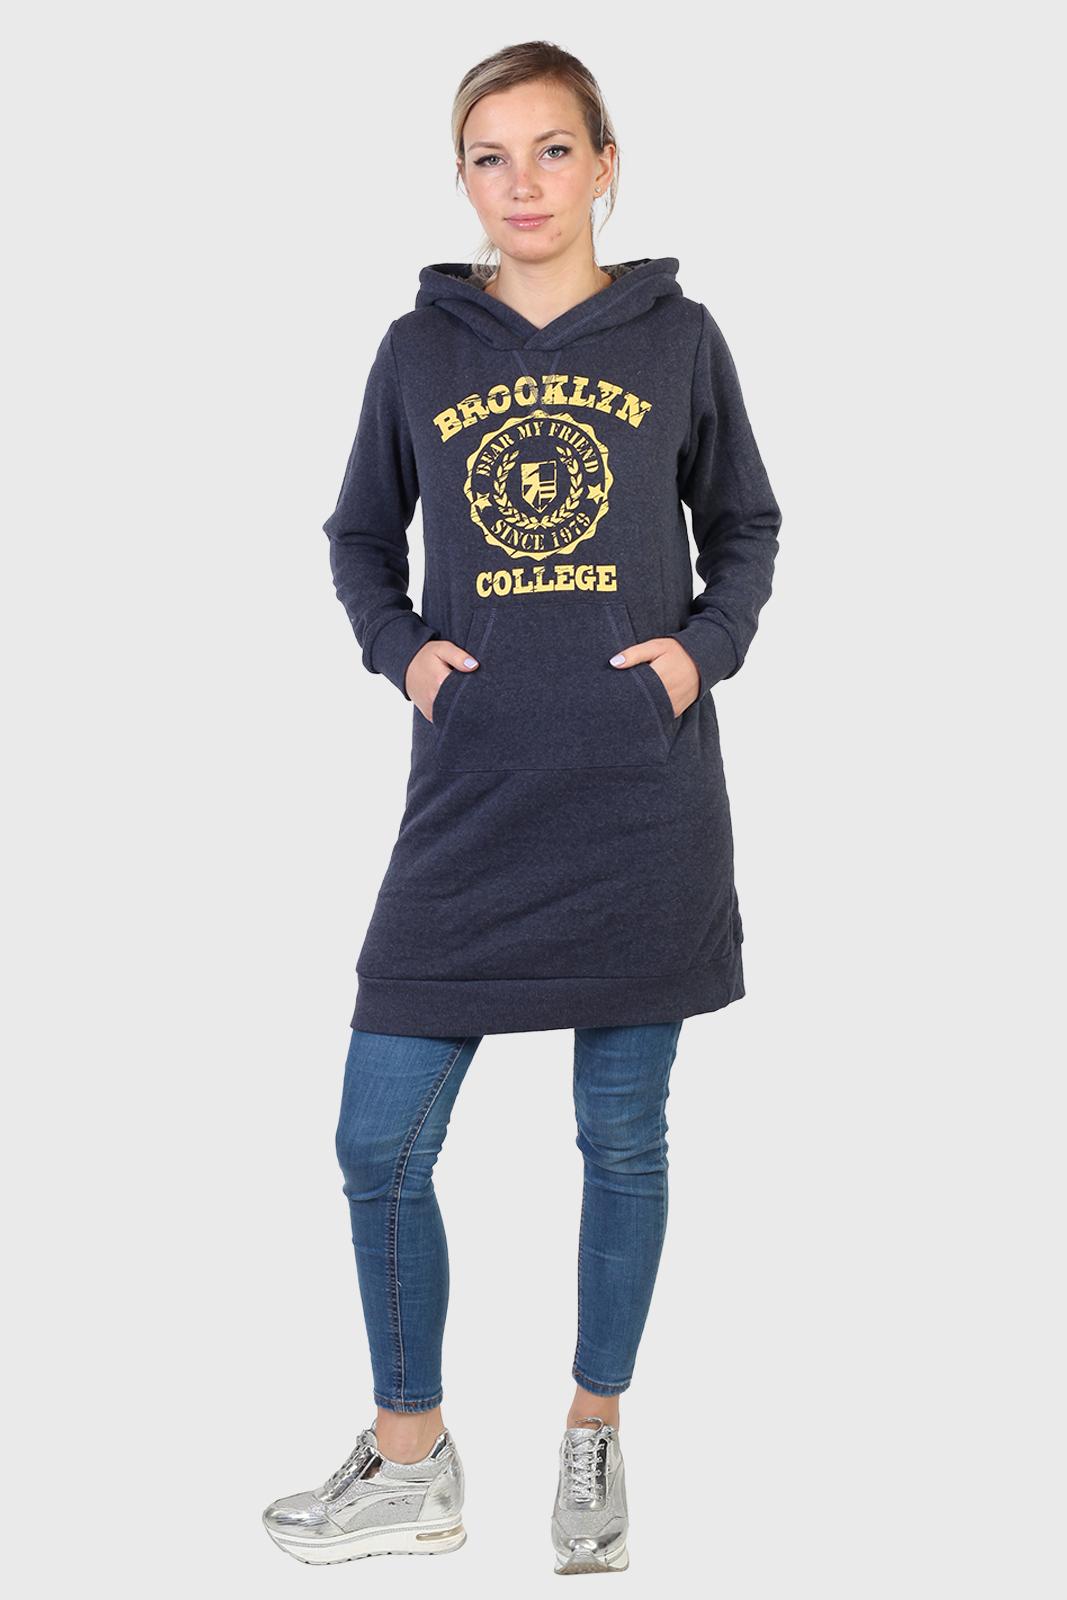 Платье толстовка с капюшоном от TuTuanna